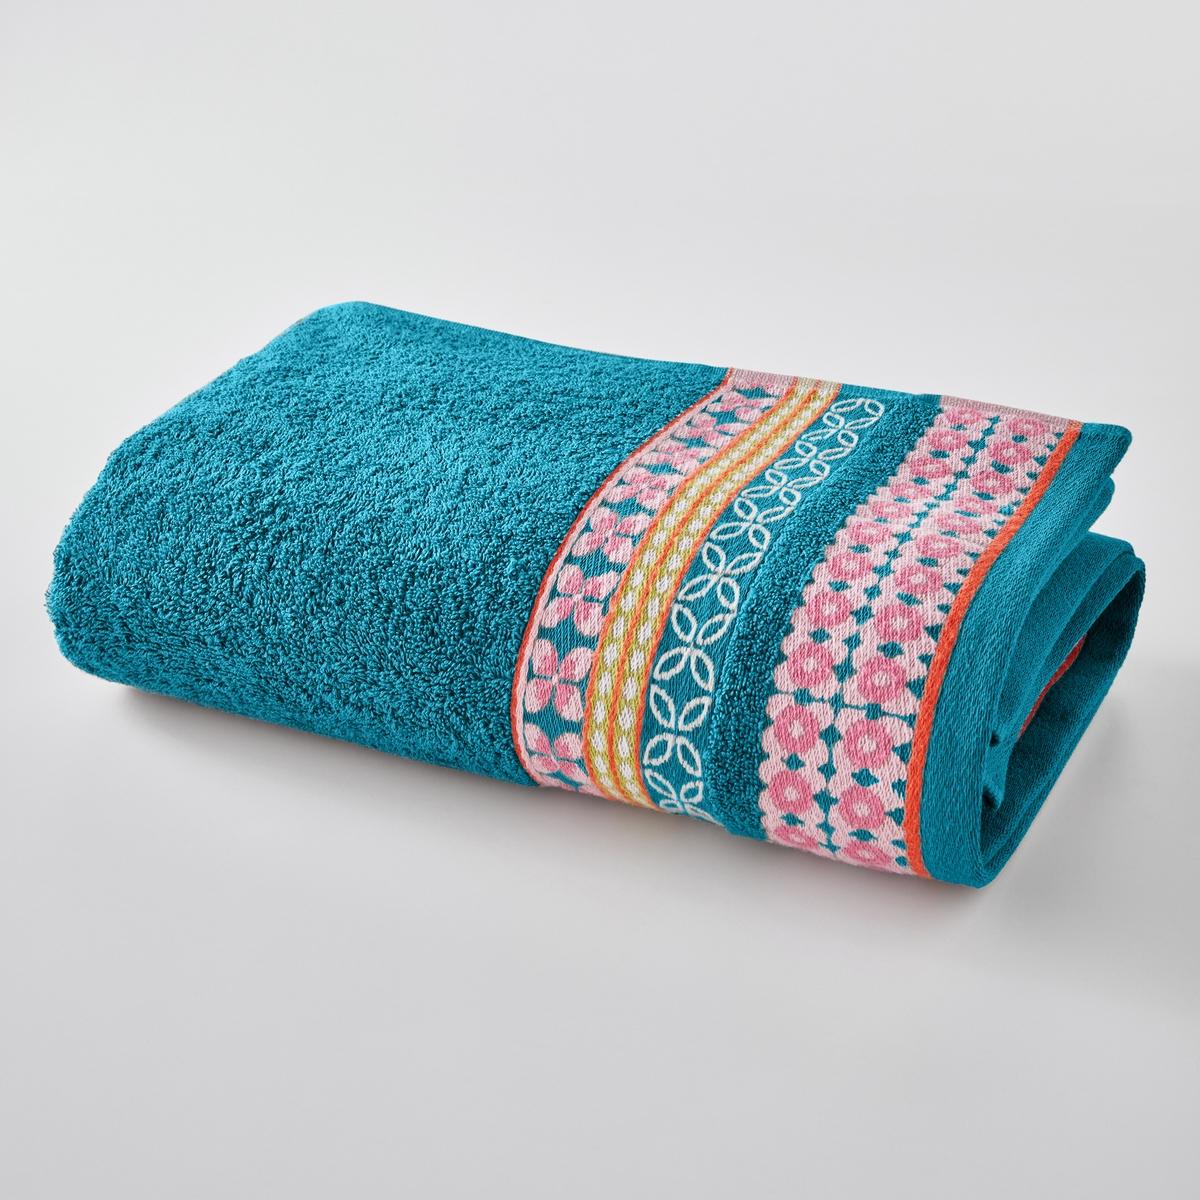 Полотенце банное из махровой ткани (500 г/м²), MISS CHINA [супермаркет] hing jingdong полотенца сушка хлопчатобумажные 32 взрослых полотенце три загружено 32 72см смешение цветов